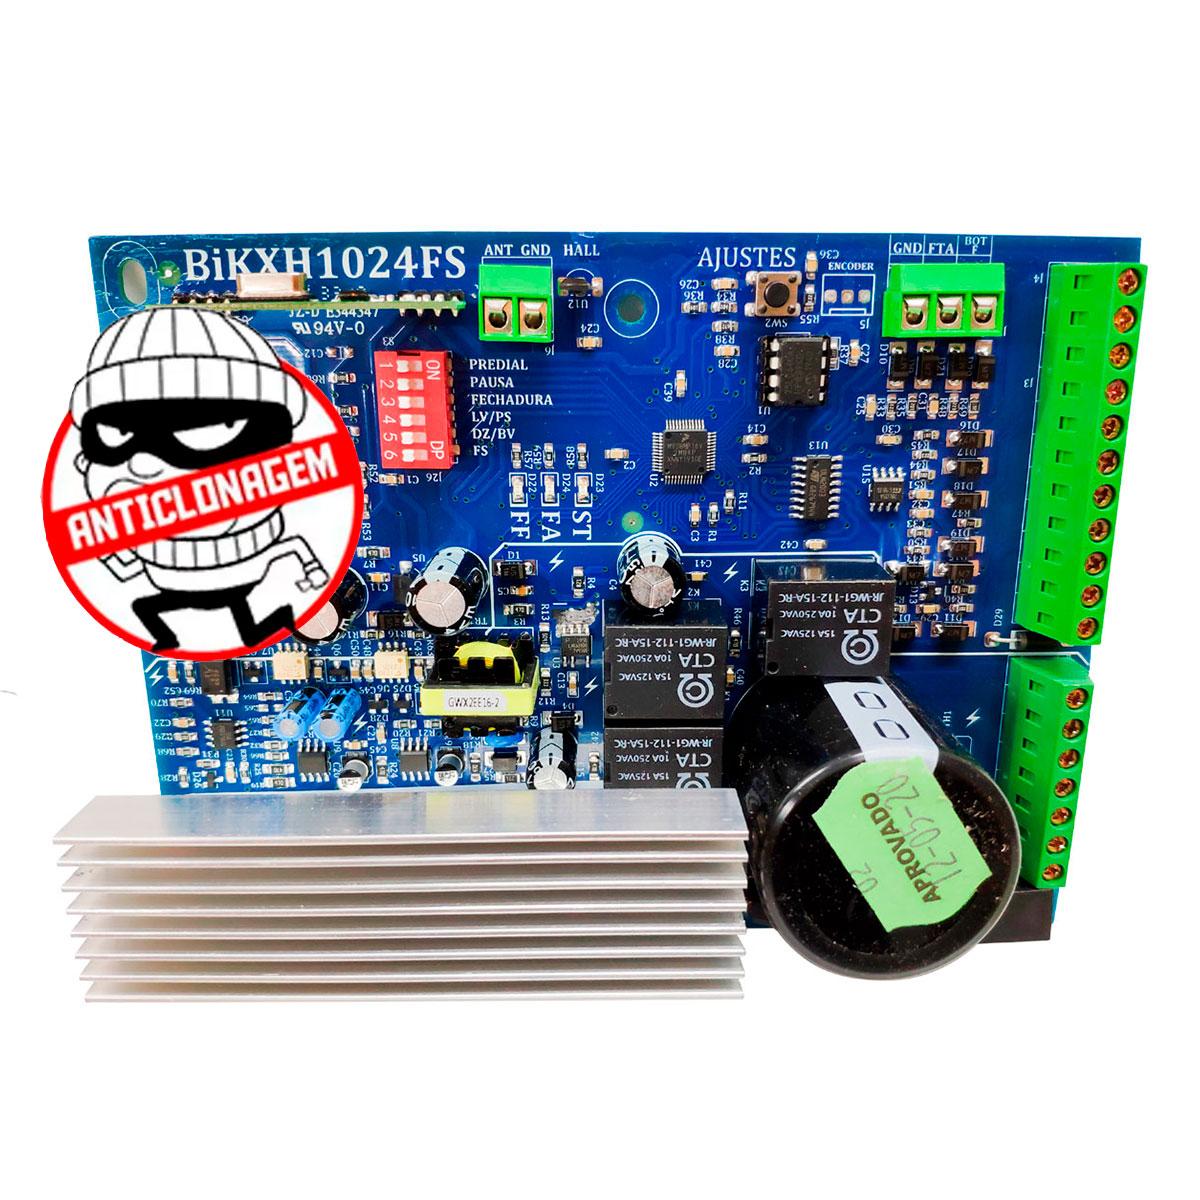 placa-central-de-comando-aceleradora-inter-dig-cm-bikxh1024-fs-433mhz-rossi-para-motor-bi-turbo-03